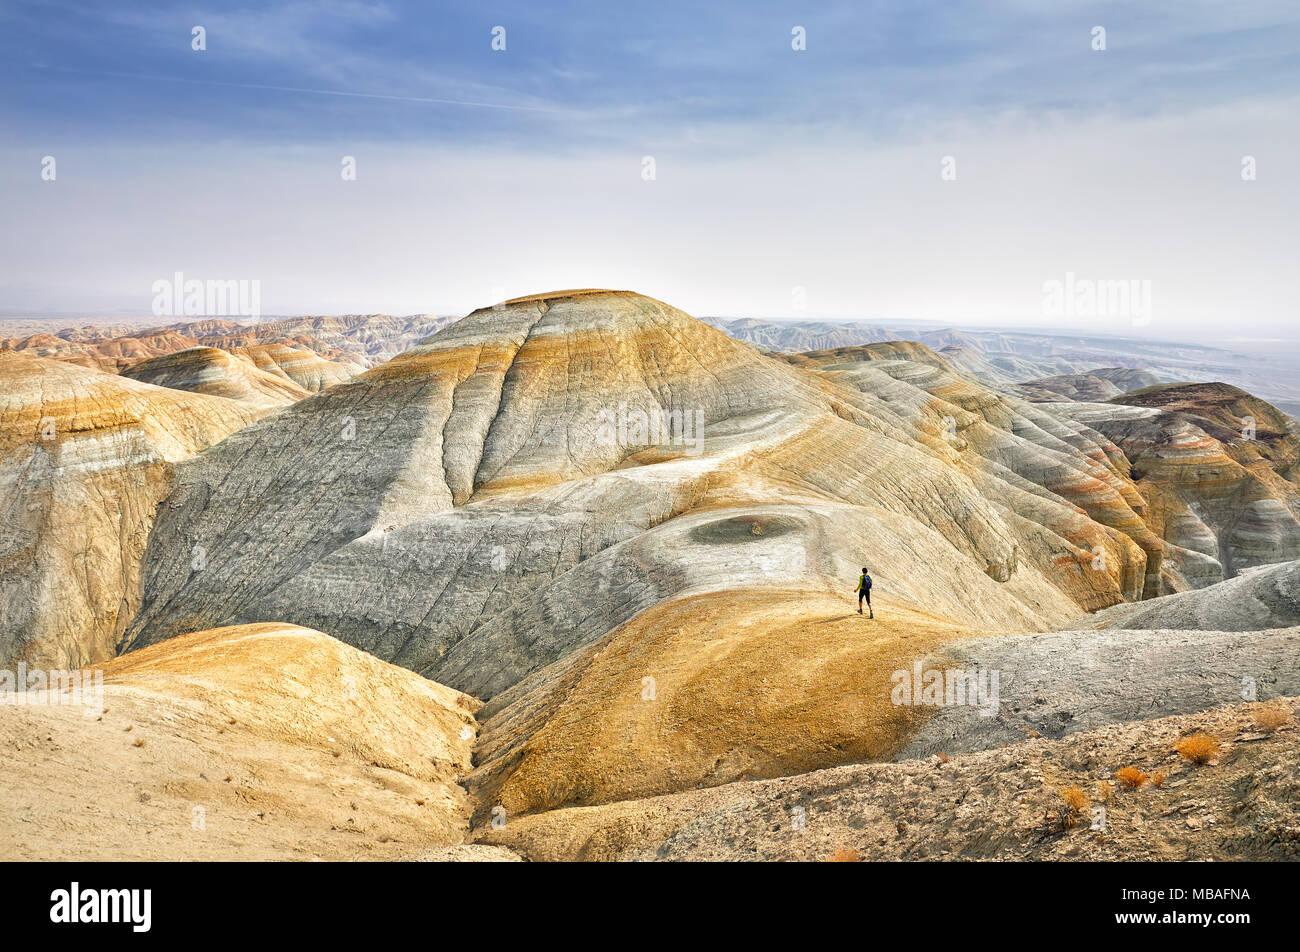 Balades touristiques au Trail sur la montagne jaune surréaliste dans le parc du désert Altyn Emel au Kazakhstan Photo Stock